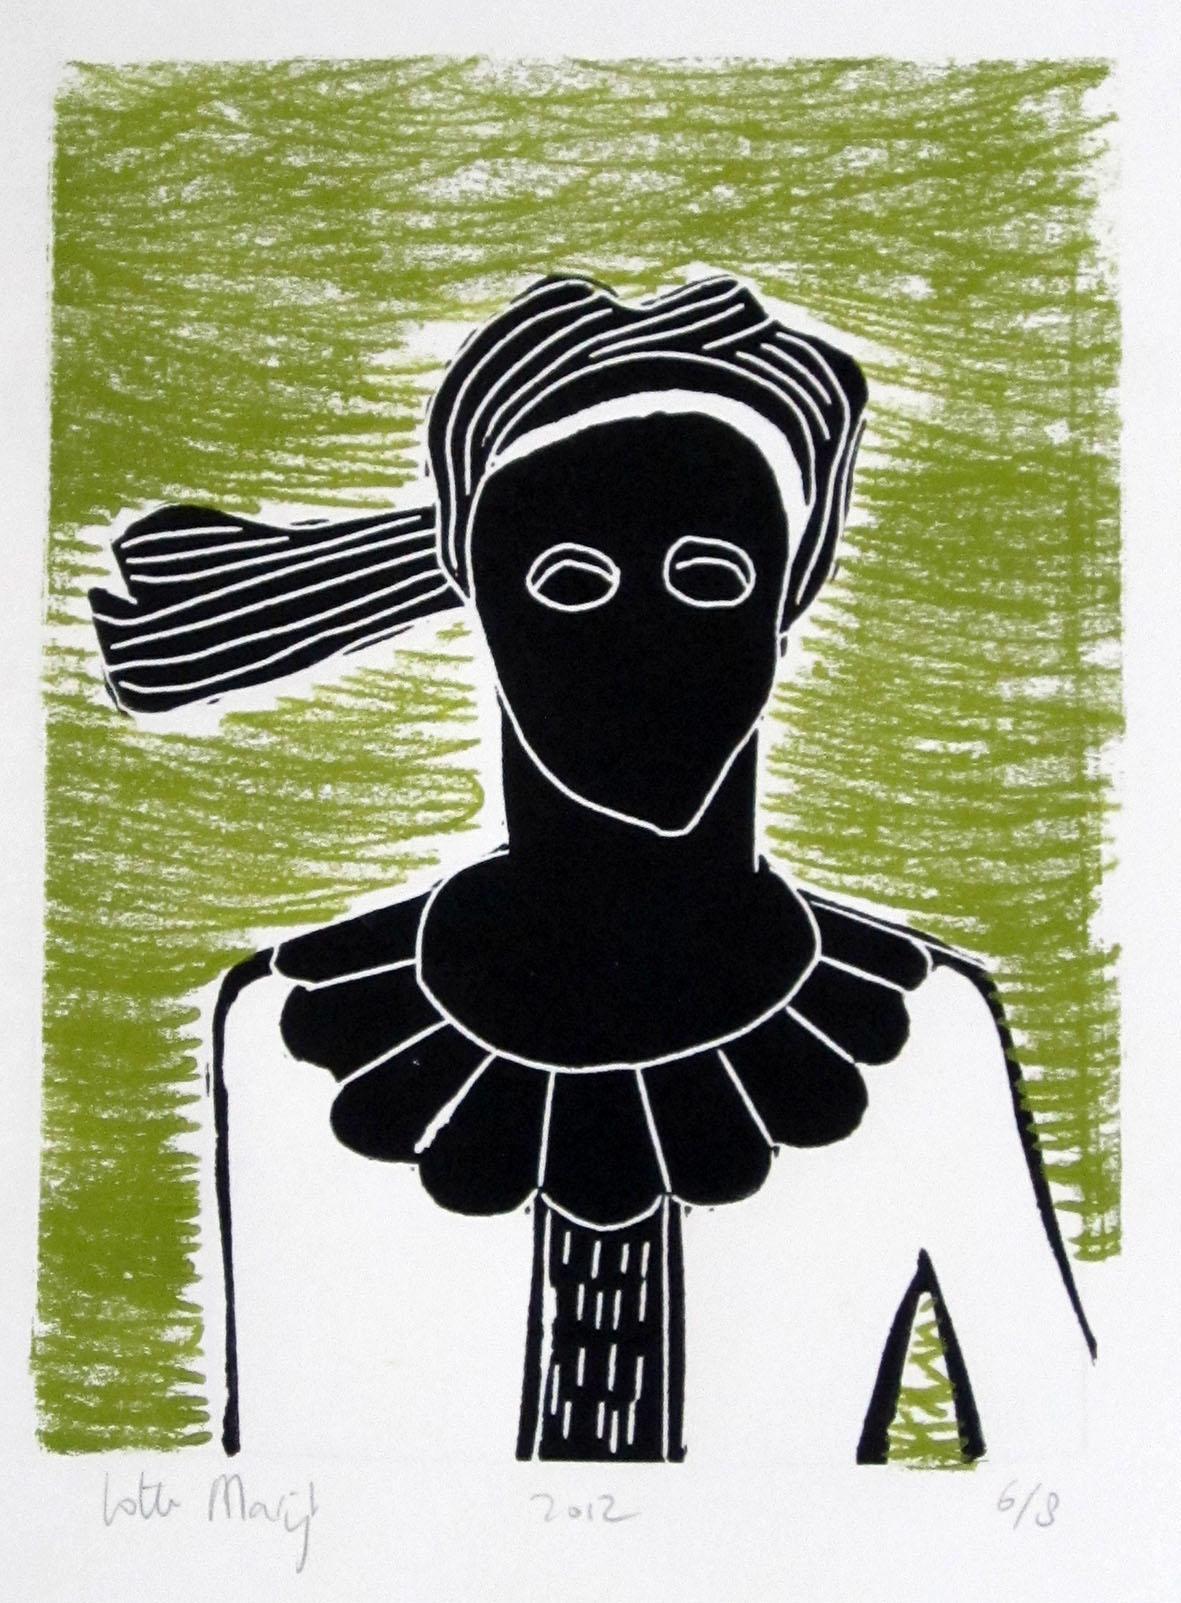 Vrouw - Lotte Marijt